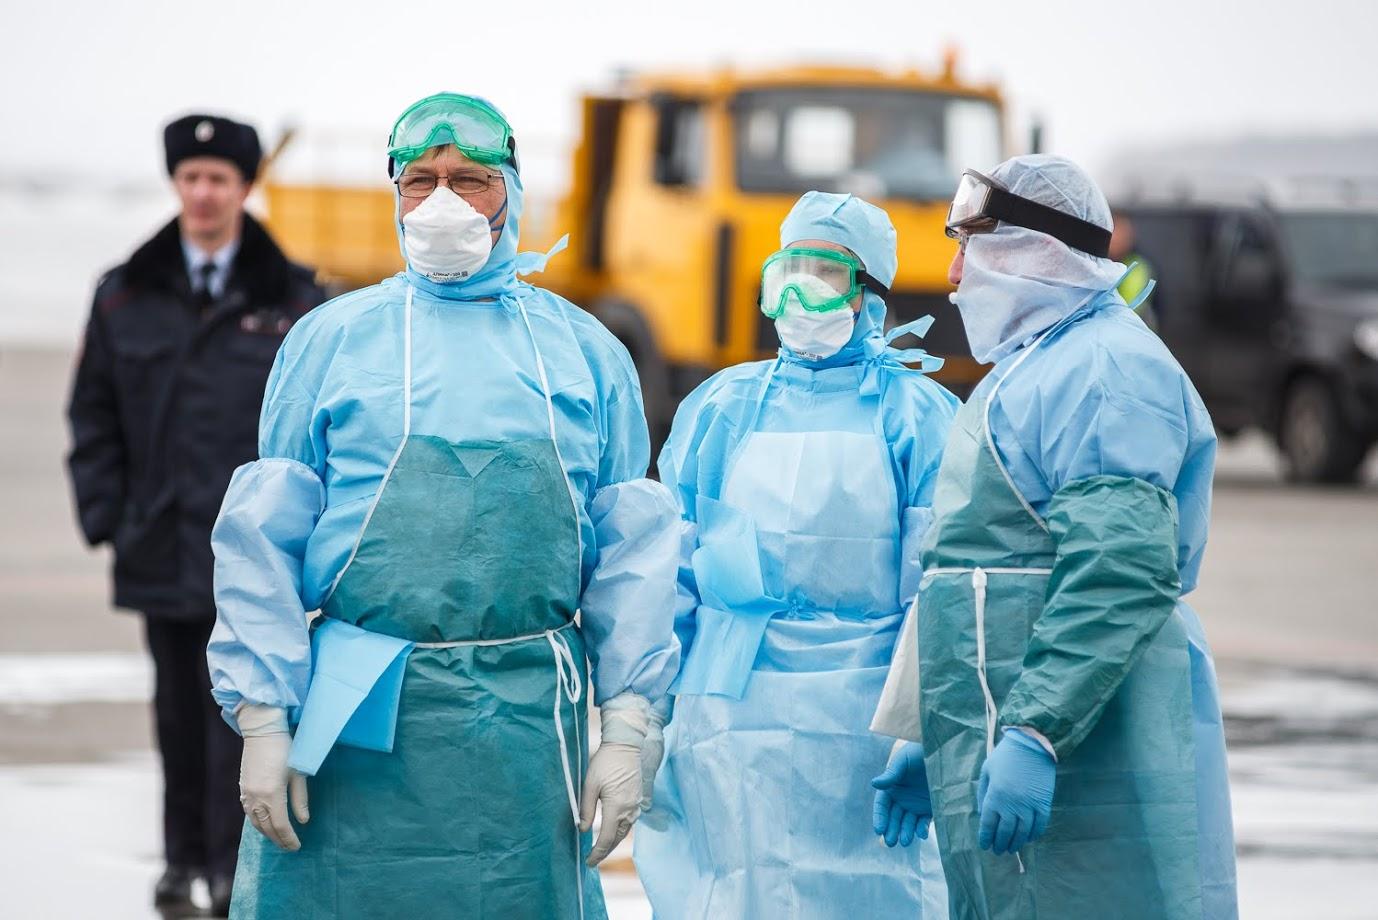 Коронавирус в Тверской области: число зараженных увеличилось на 134 человека - новости Афанасий